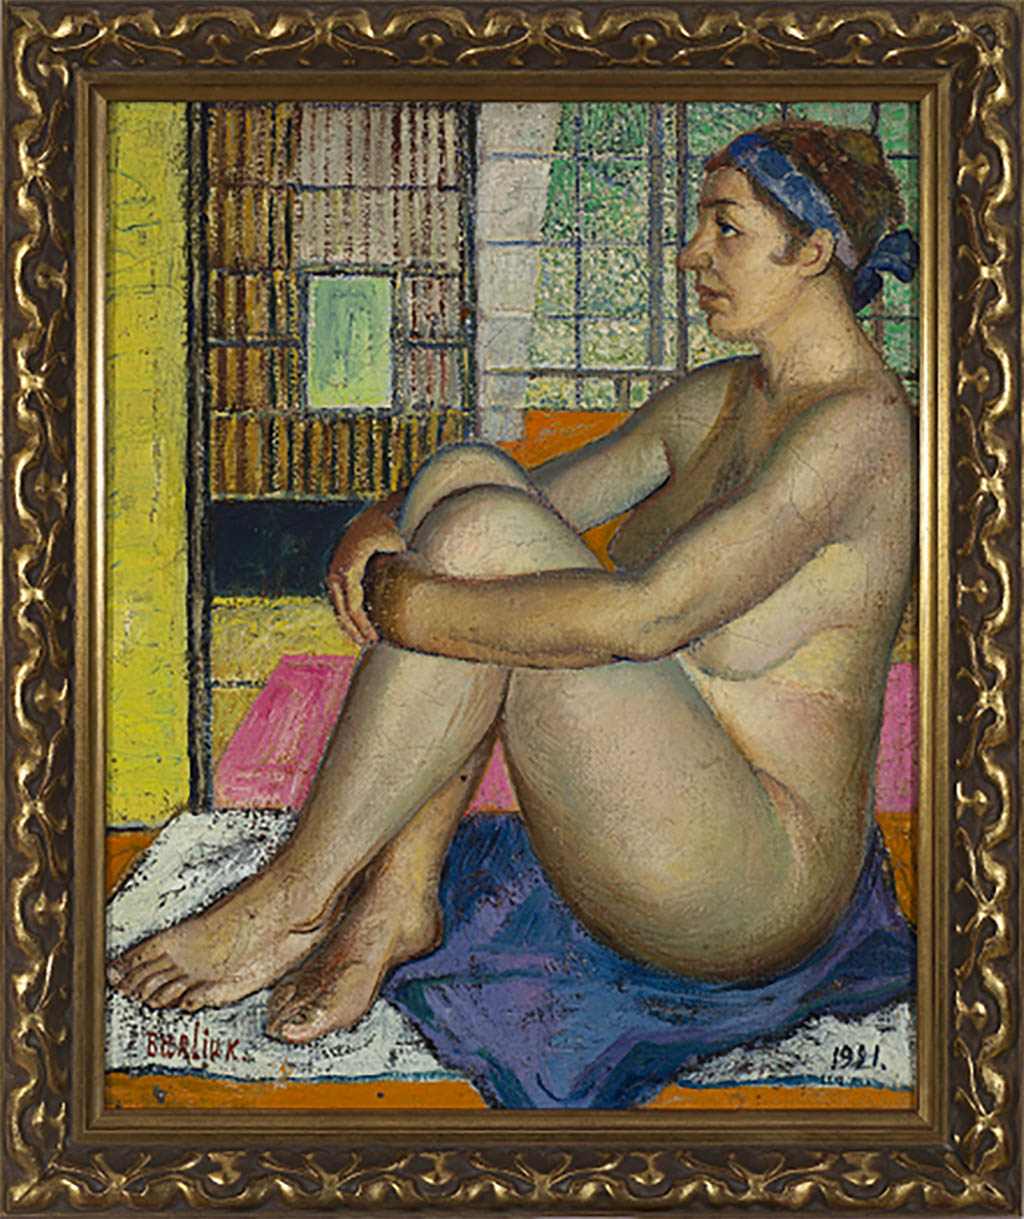 """Бурлюк Давид """"Маруся"""" Из семьи художника, написан в 1921 году в Японии. Нигде не выставлялся."""